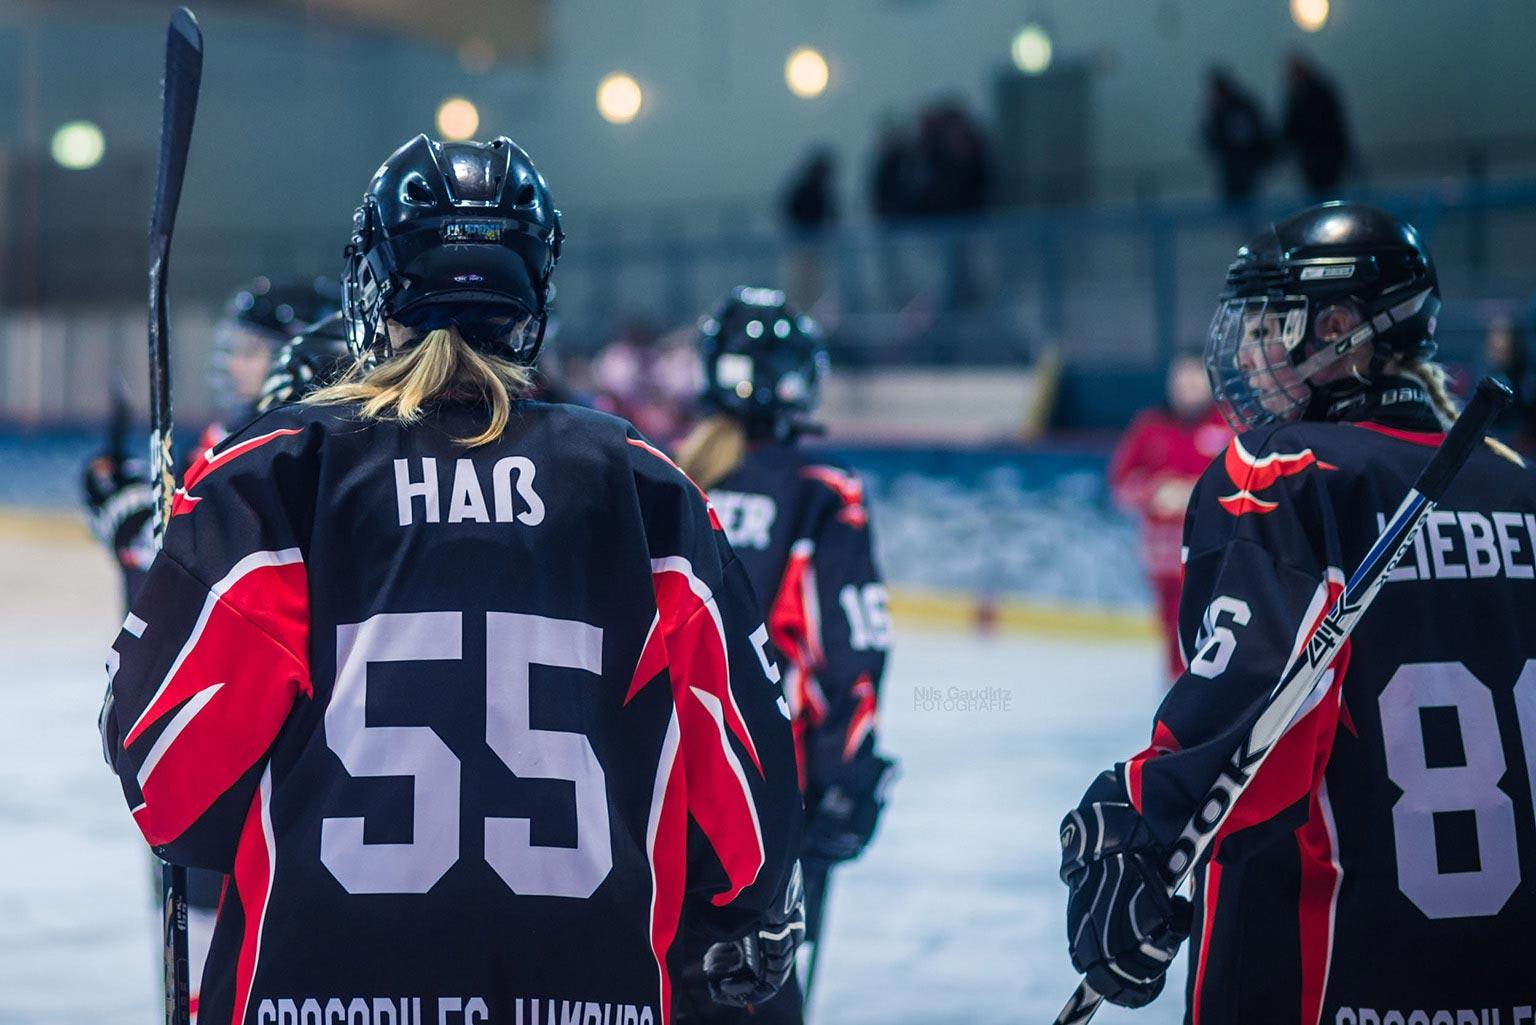 Eishockey vom Feinsten